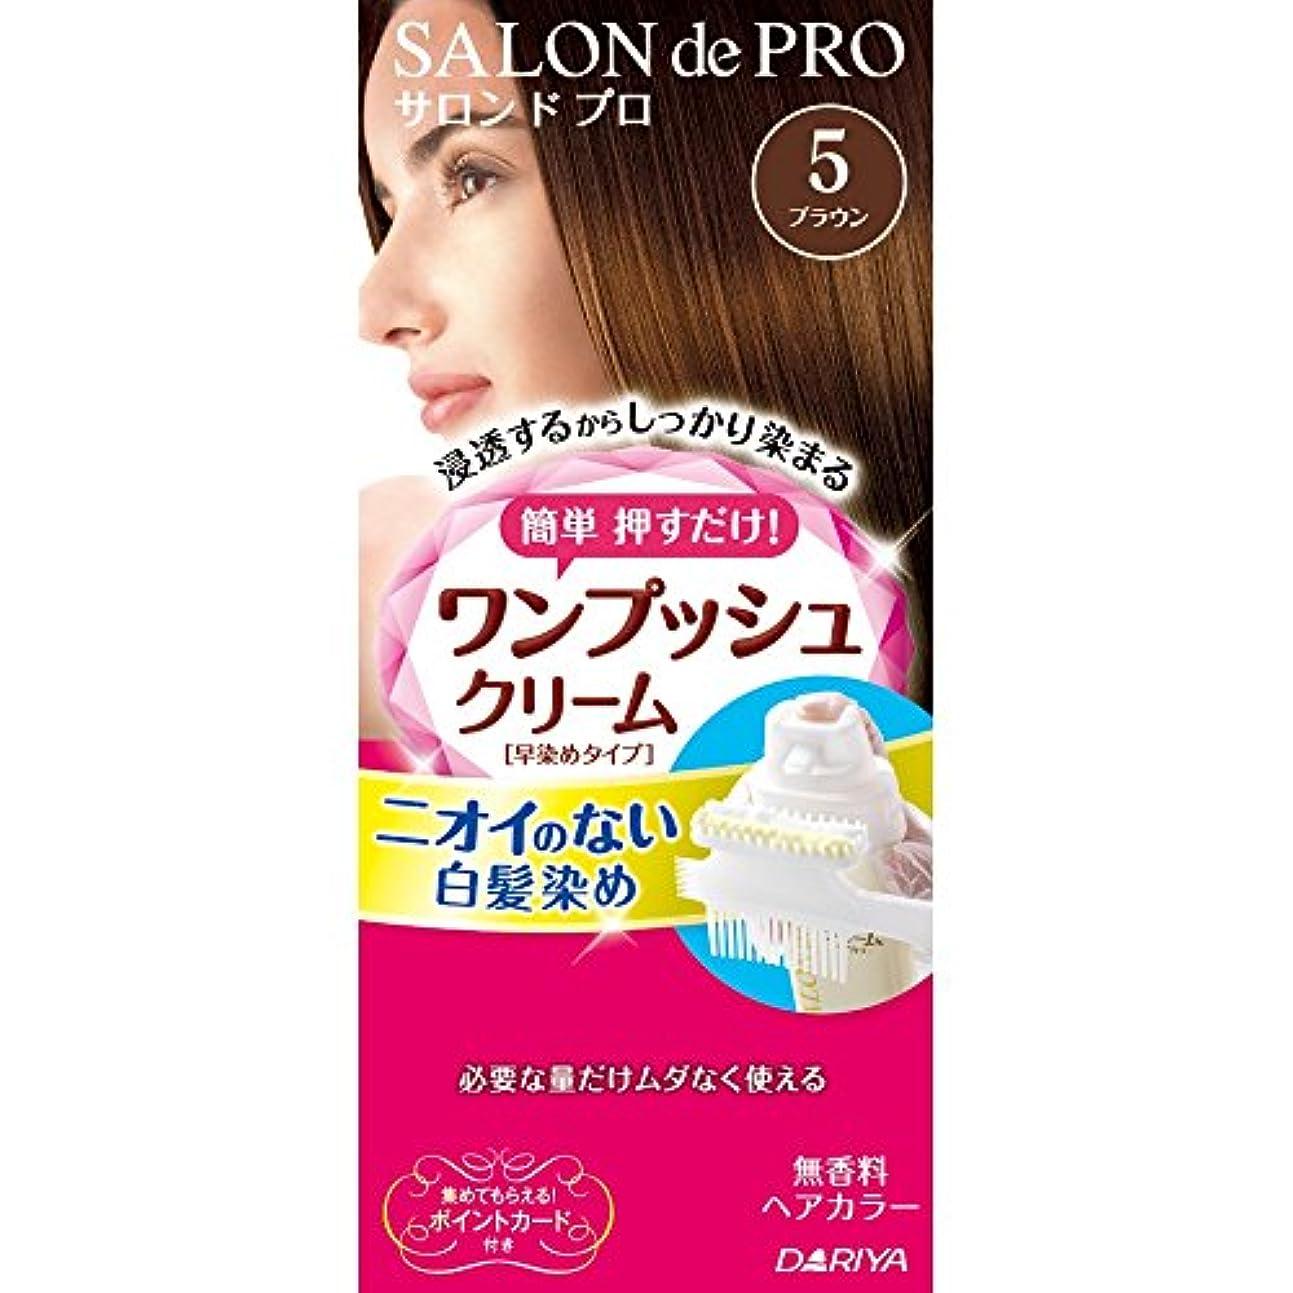 むちゃくちゃ束台風サロンドプロ ワンプッシュクリームヘアカラー 5 40g+40g